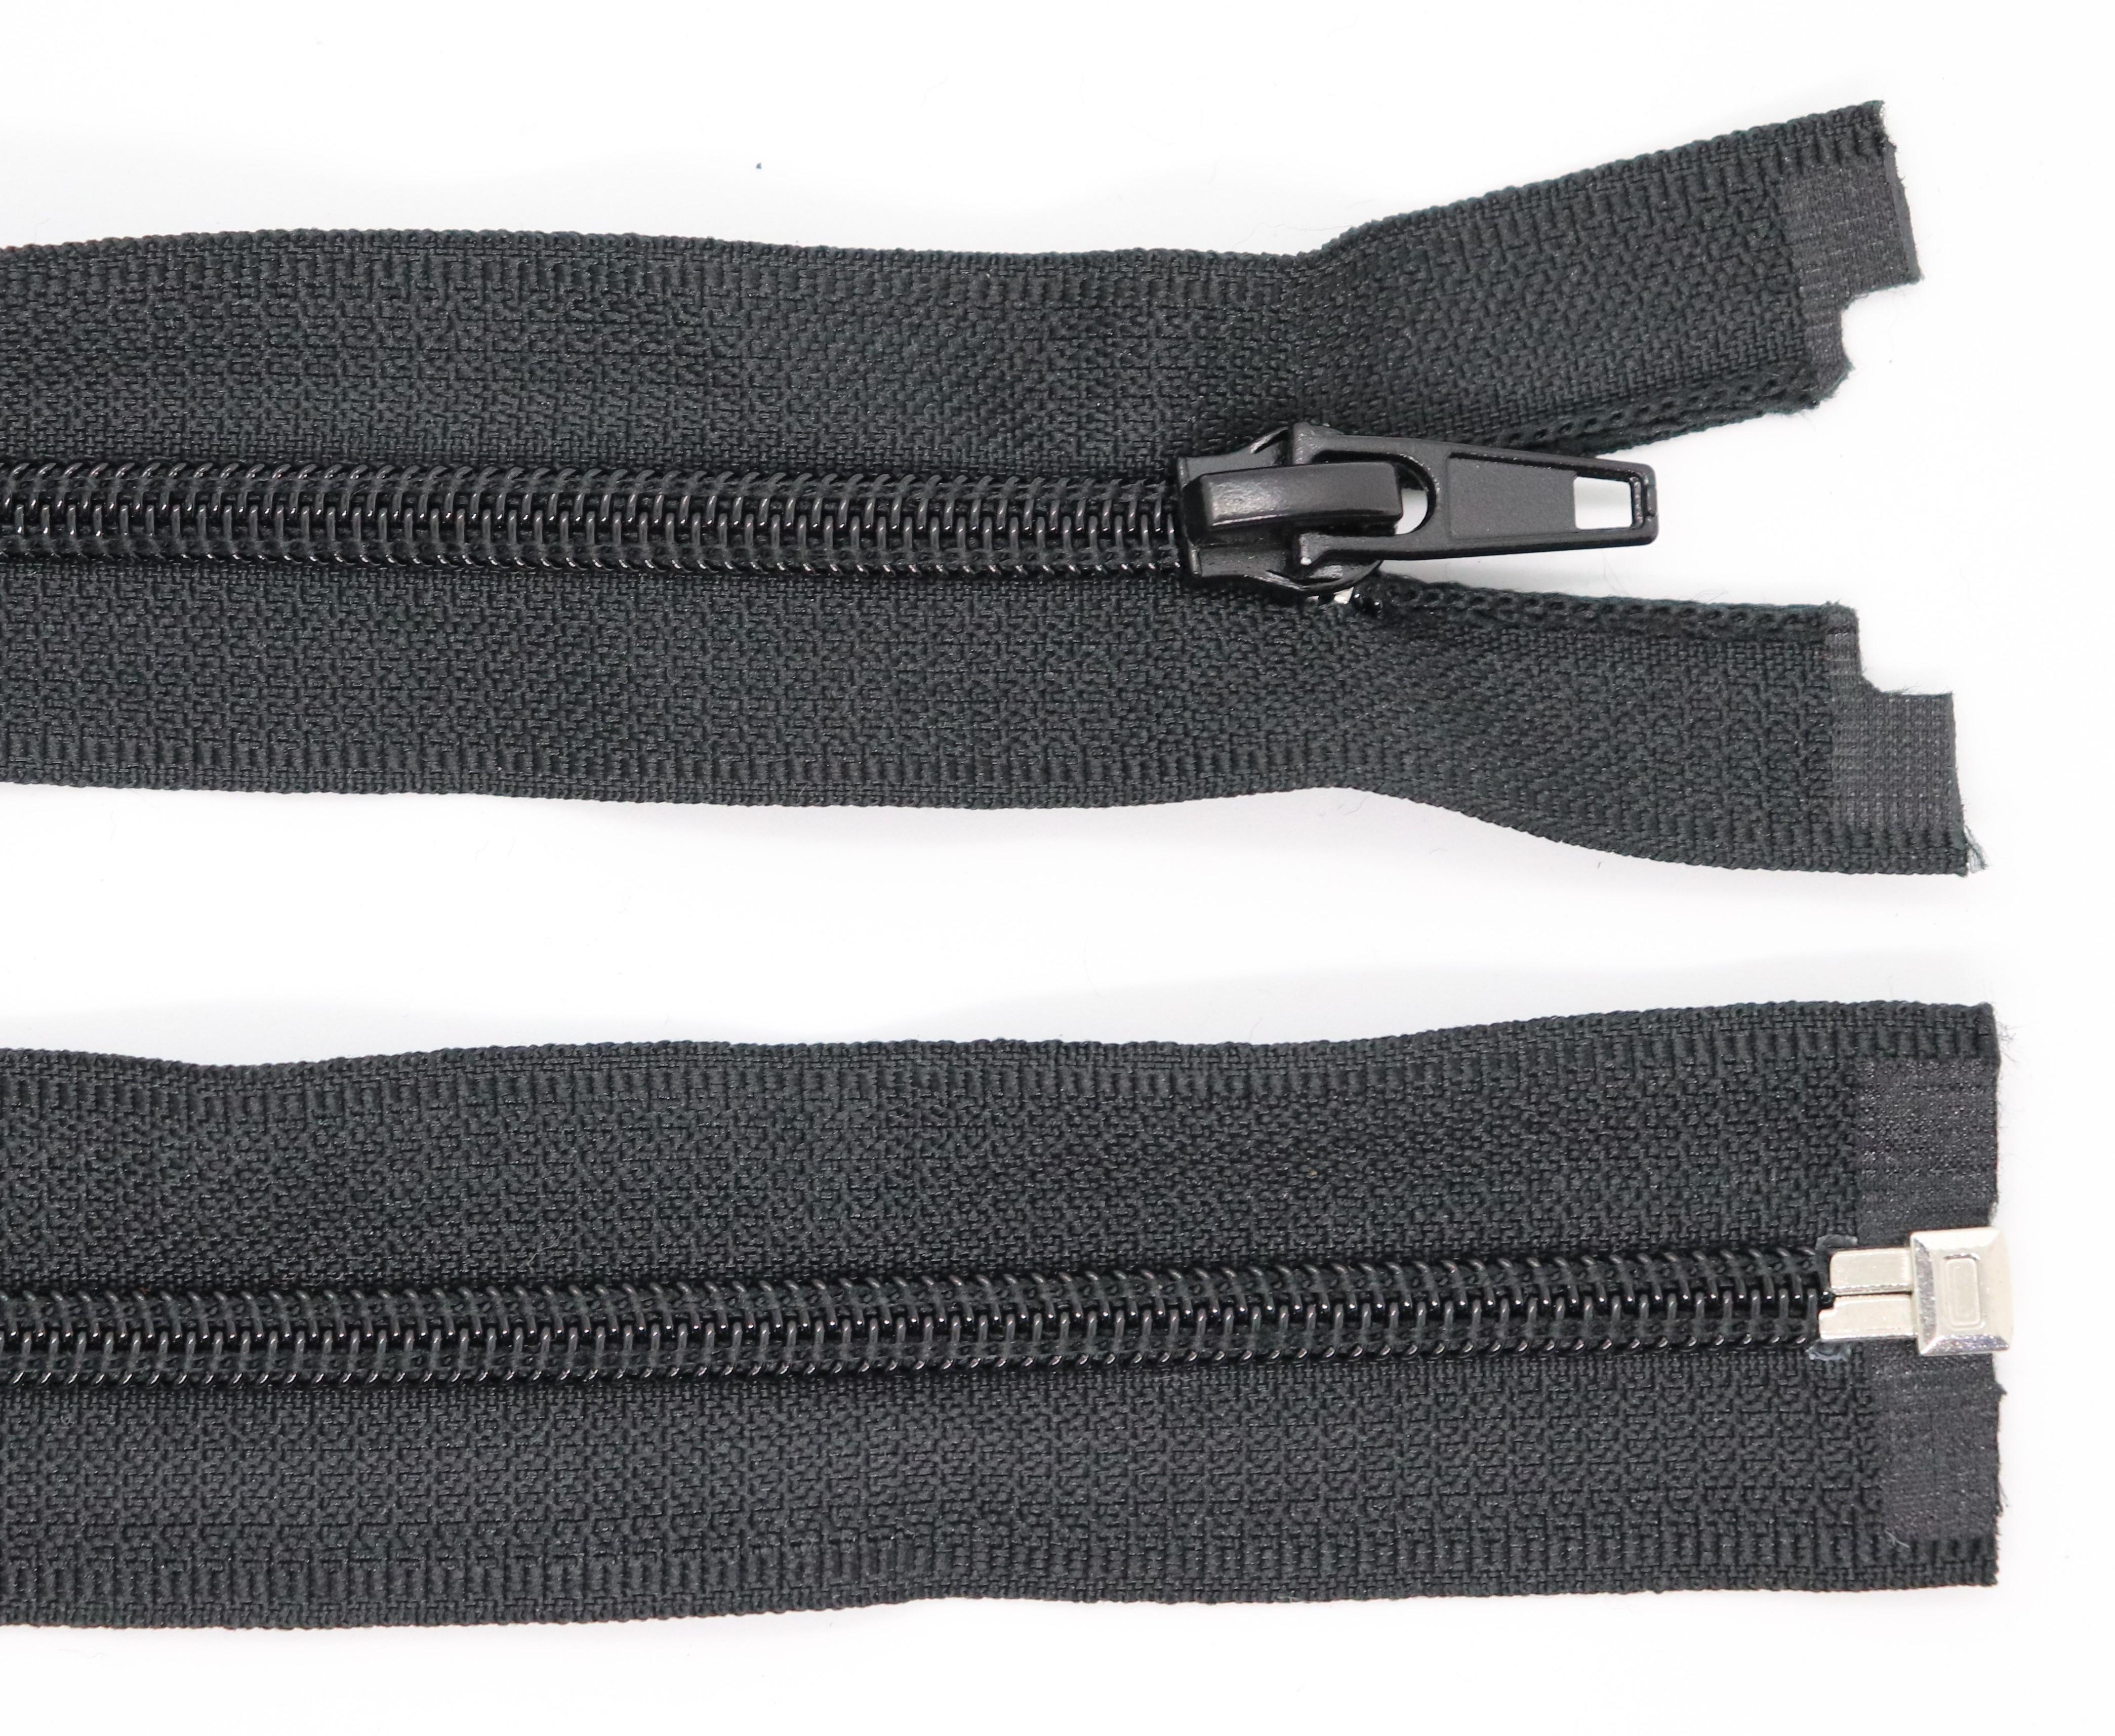 Spirálový zip šíøe 5 mm délka 80 cm dìlitelný - zvìtšit obrázek